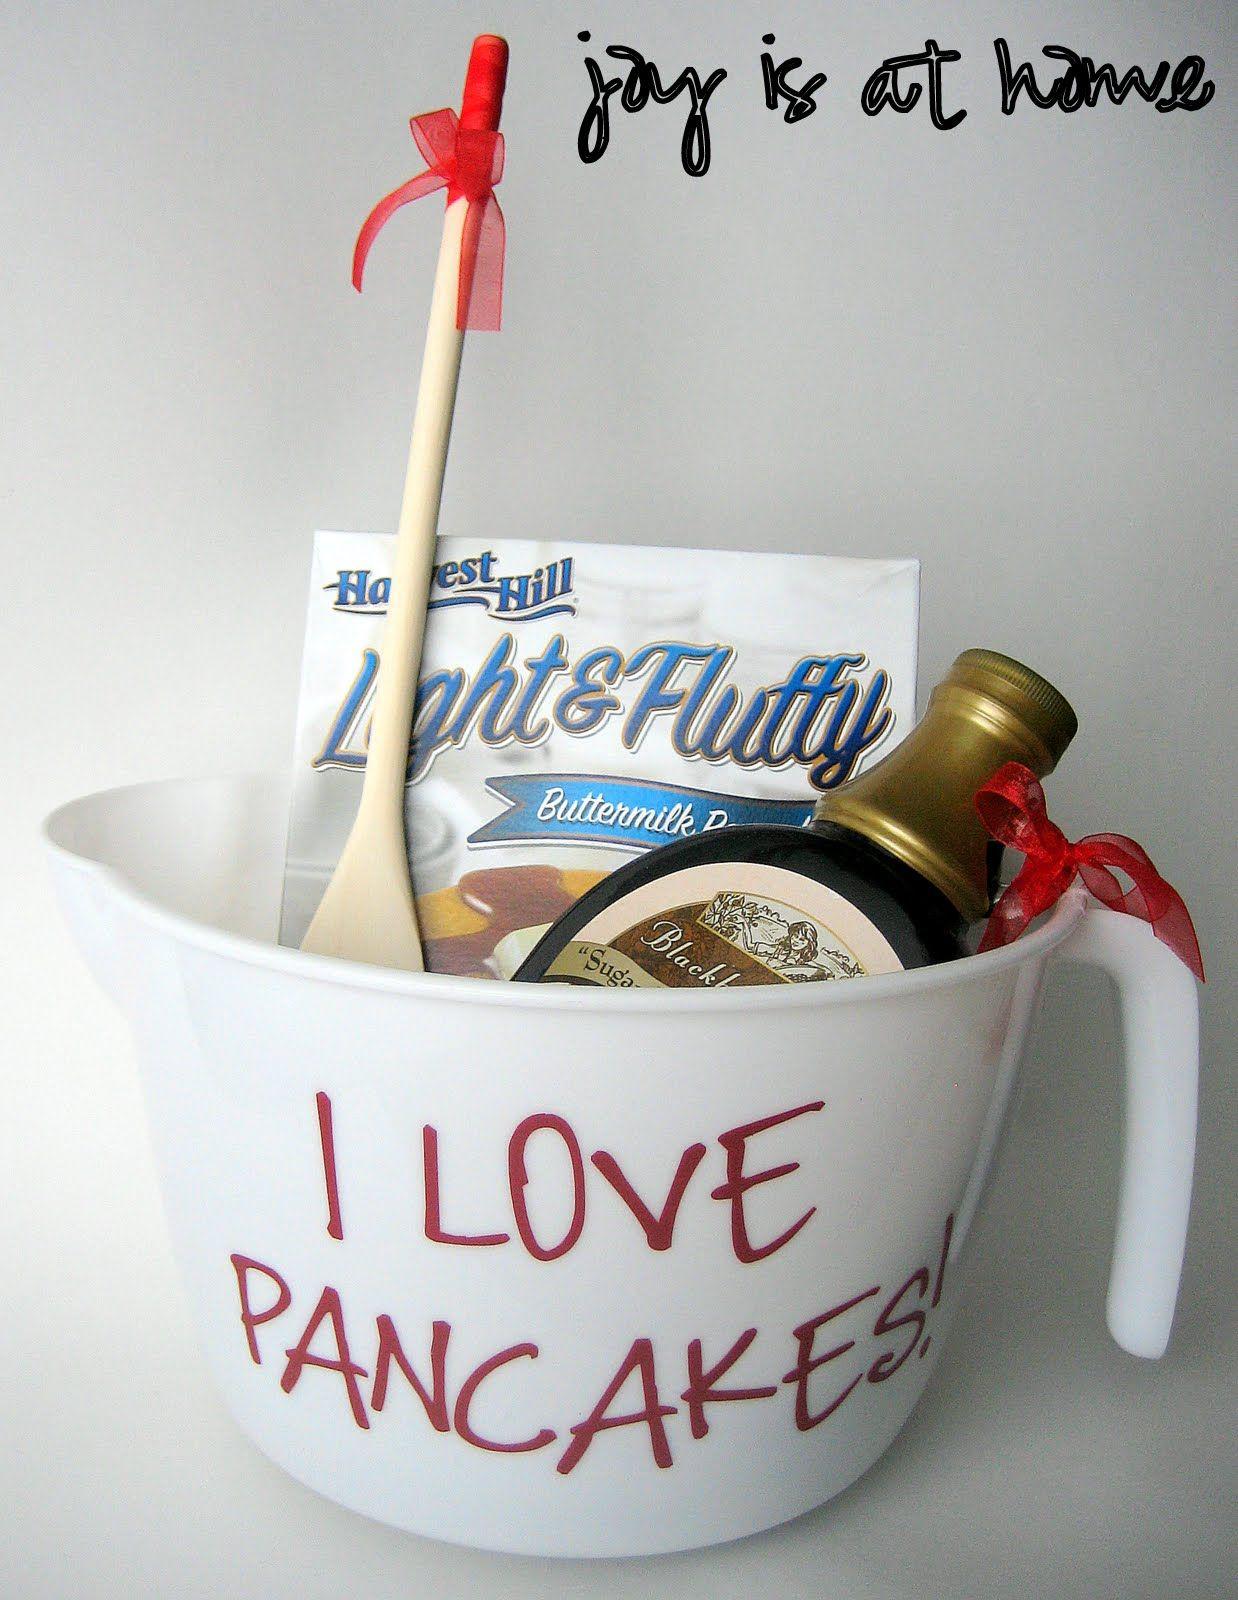 Bridal Shower Door Prize Idea Pancake Lover Basket